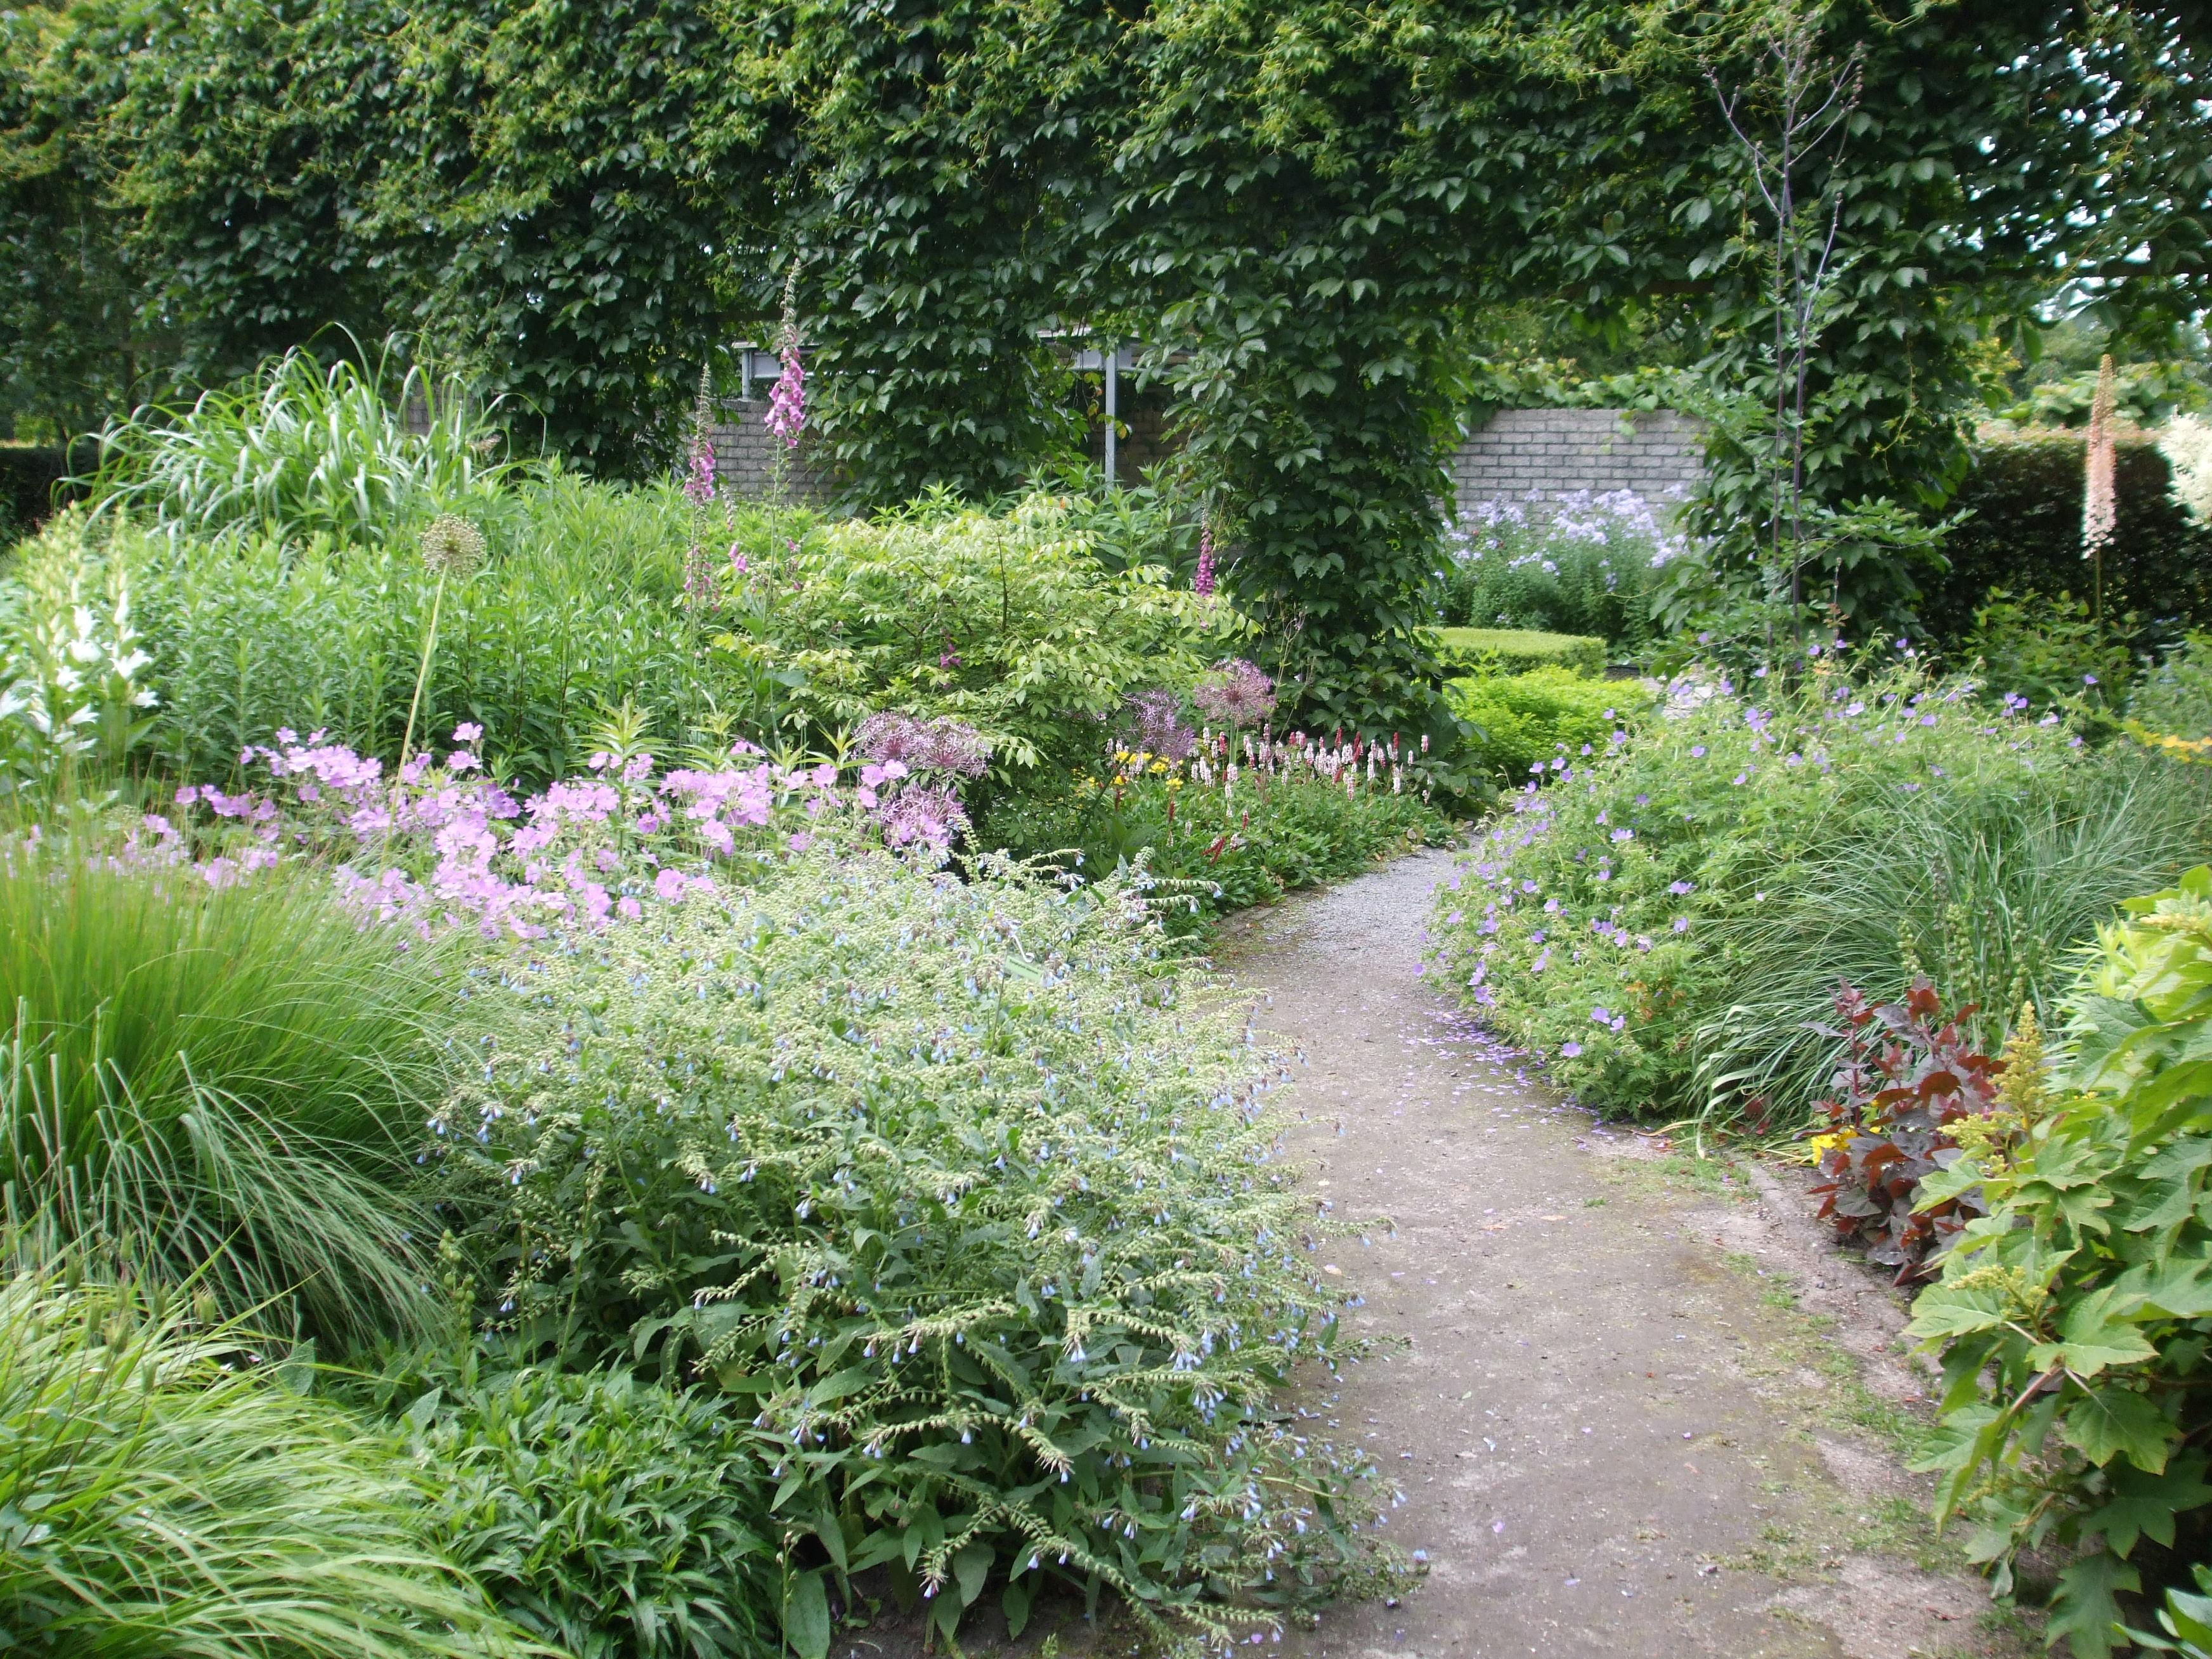 Tuinverrassing kant en klaar border bestellen tuincoach blog - Schaduw maken ...